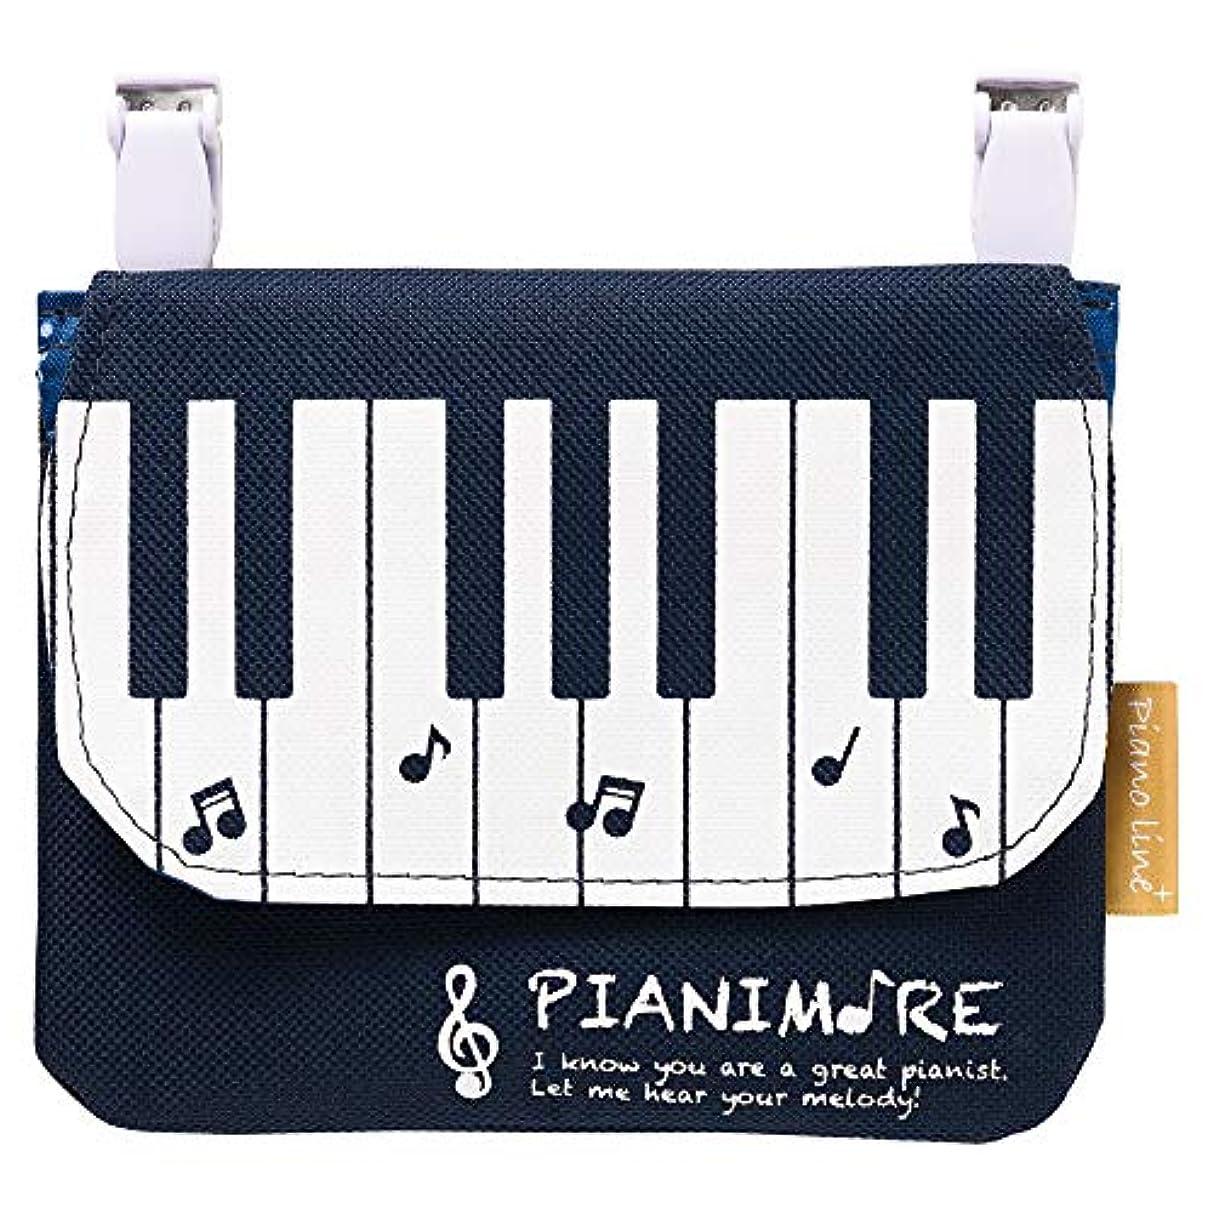 患者クラッシュ患者Pianimore ポケットポーチ 鍵盤柄 移動ポケット ティッシュ入れ付き 女の子用